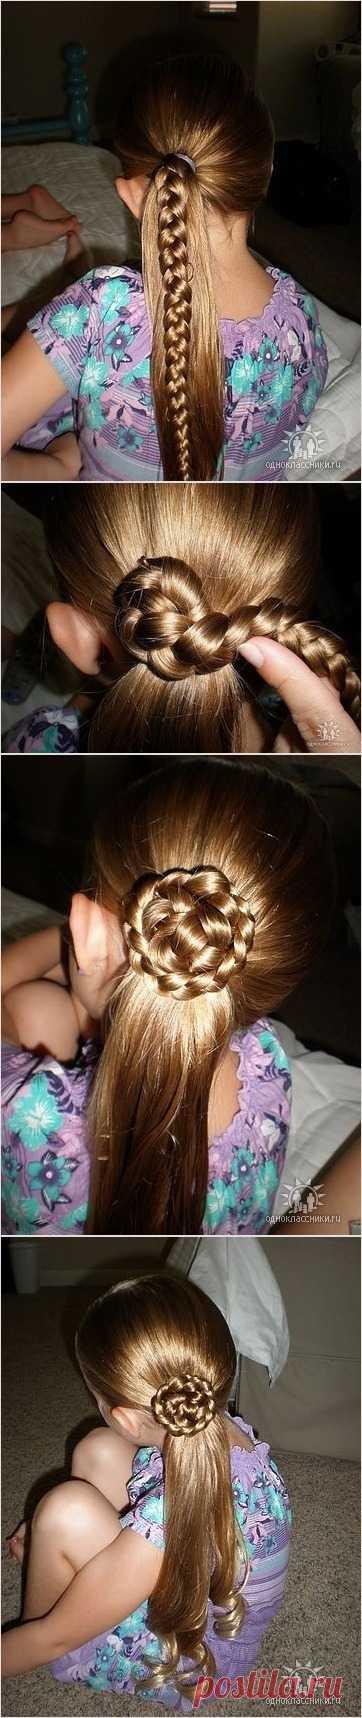 Прическа для девочек с длинными волосами ))